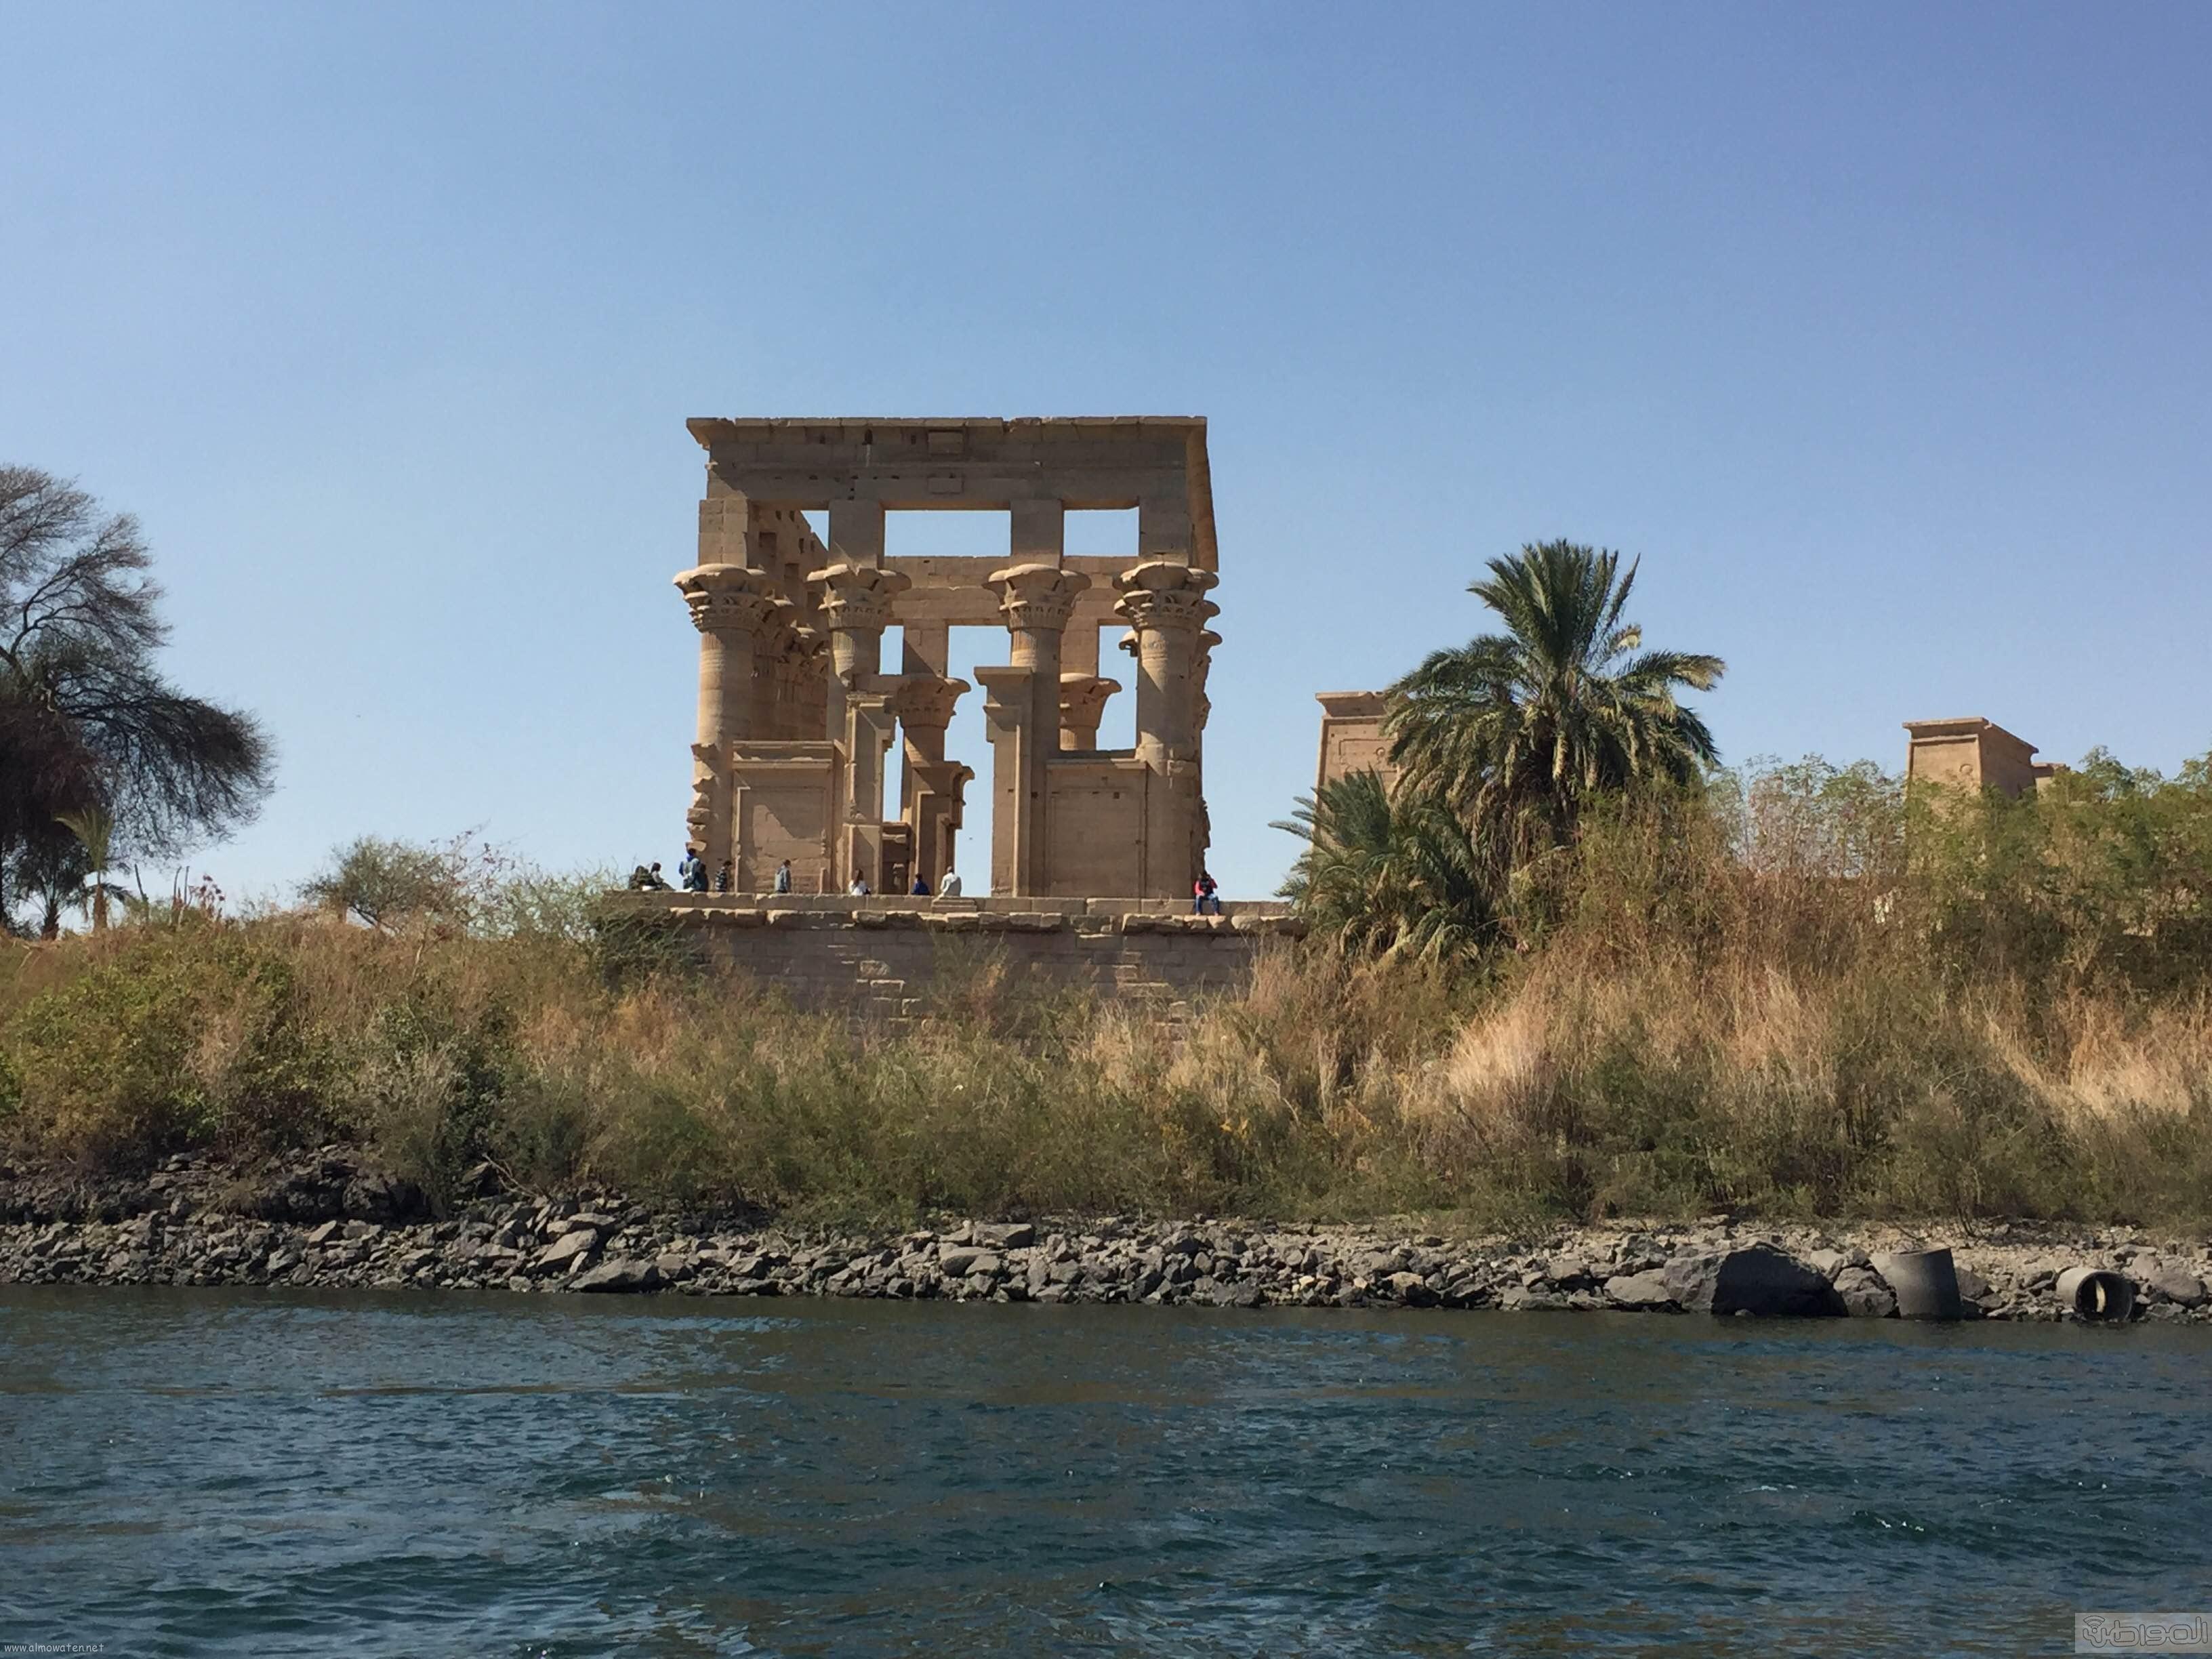 زيارة الاعلام السياحي لمعبد الفيلة والسد العالي باسوان (9)